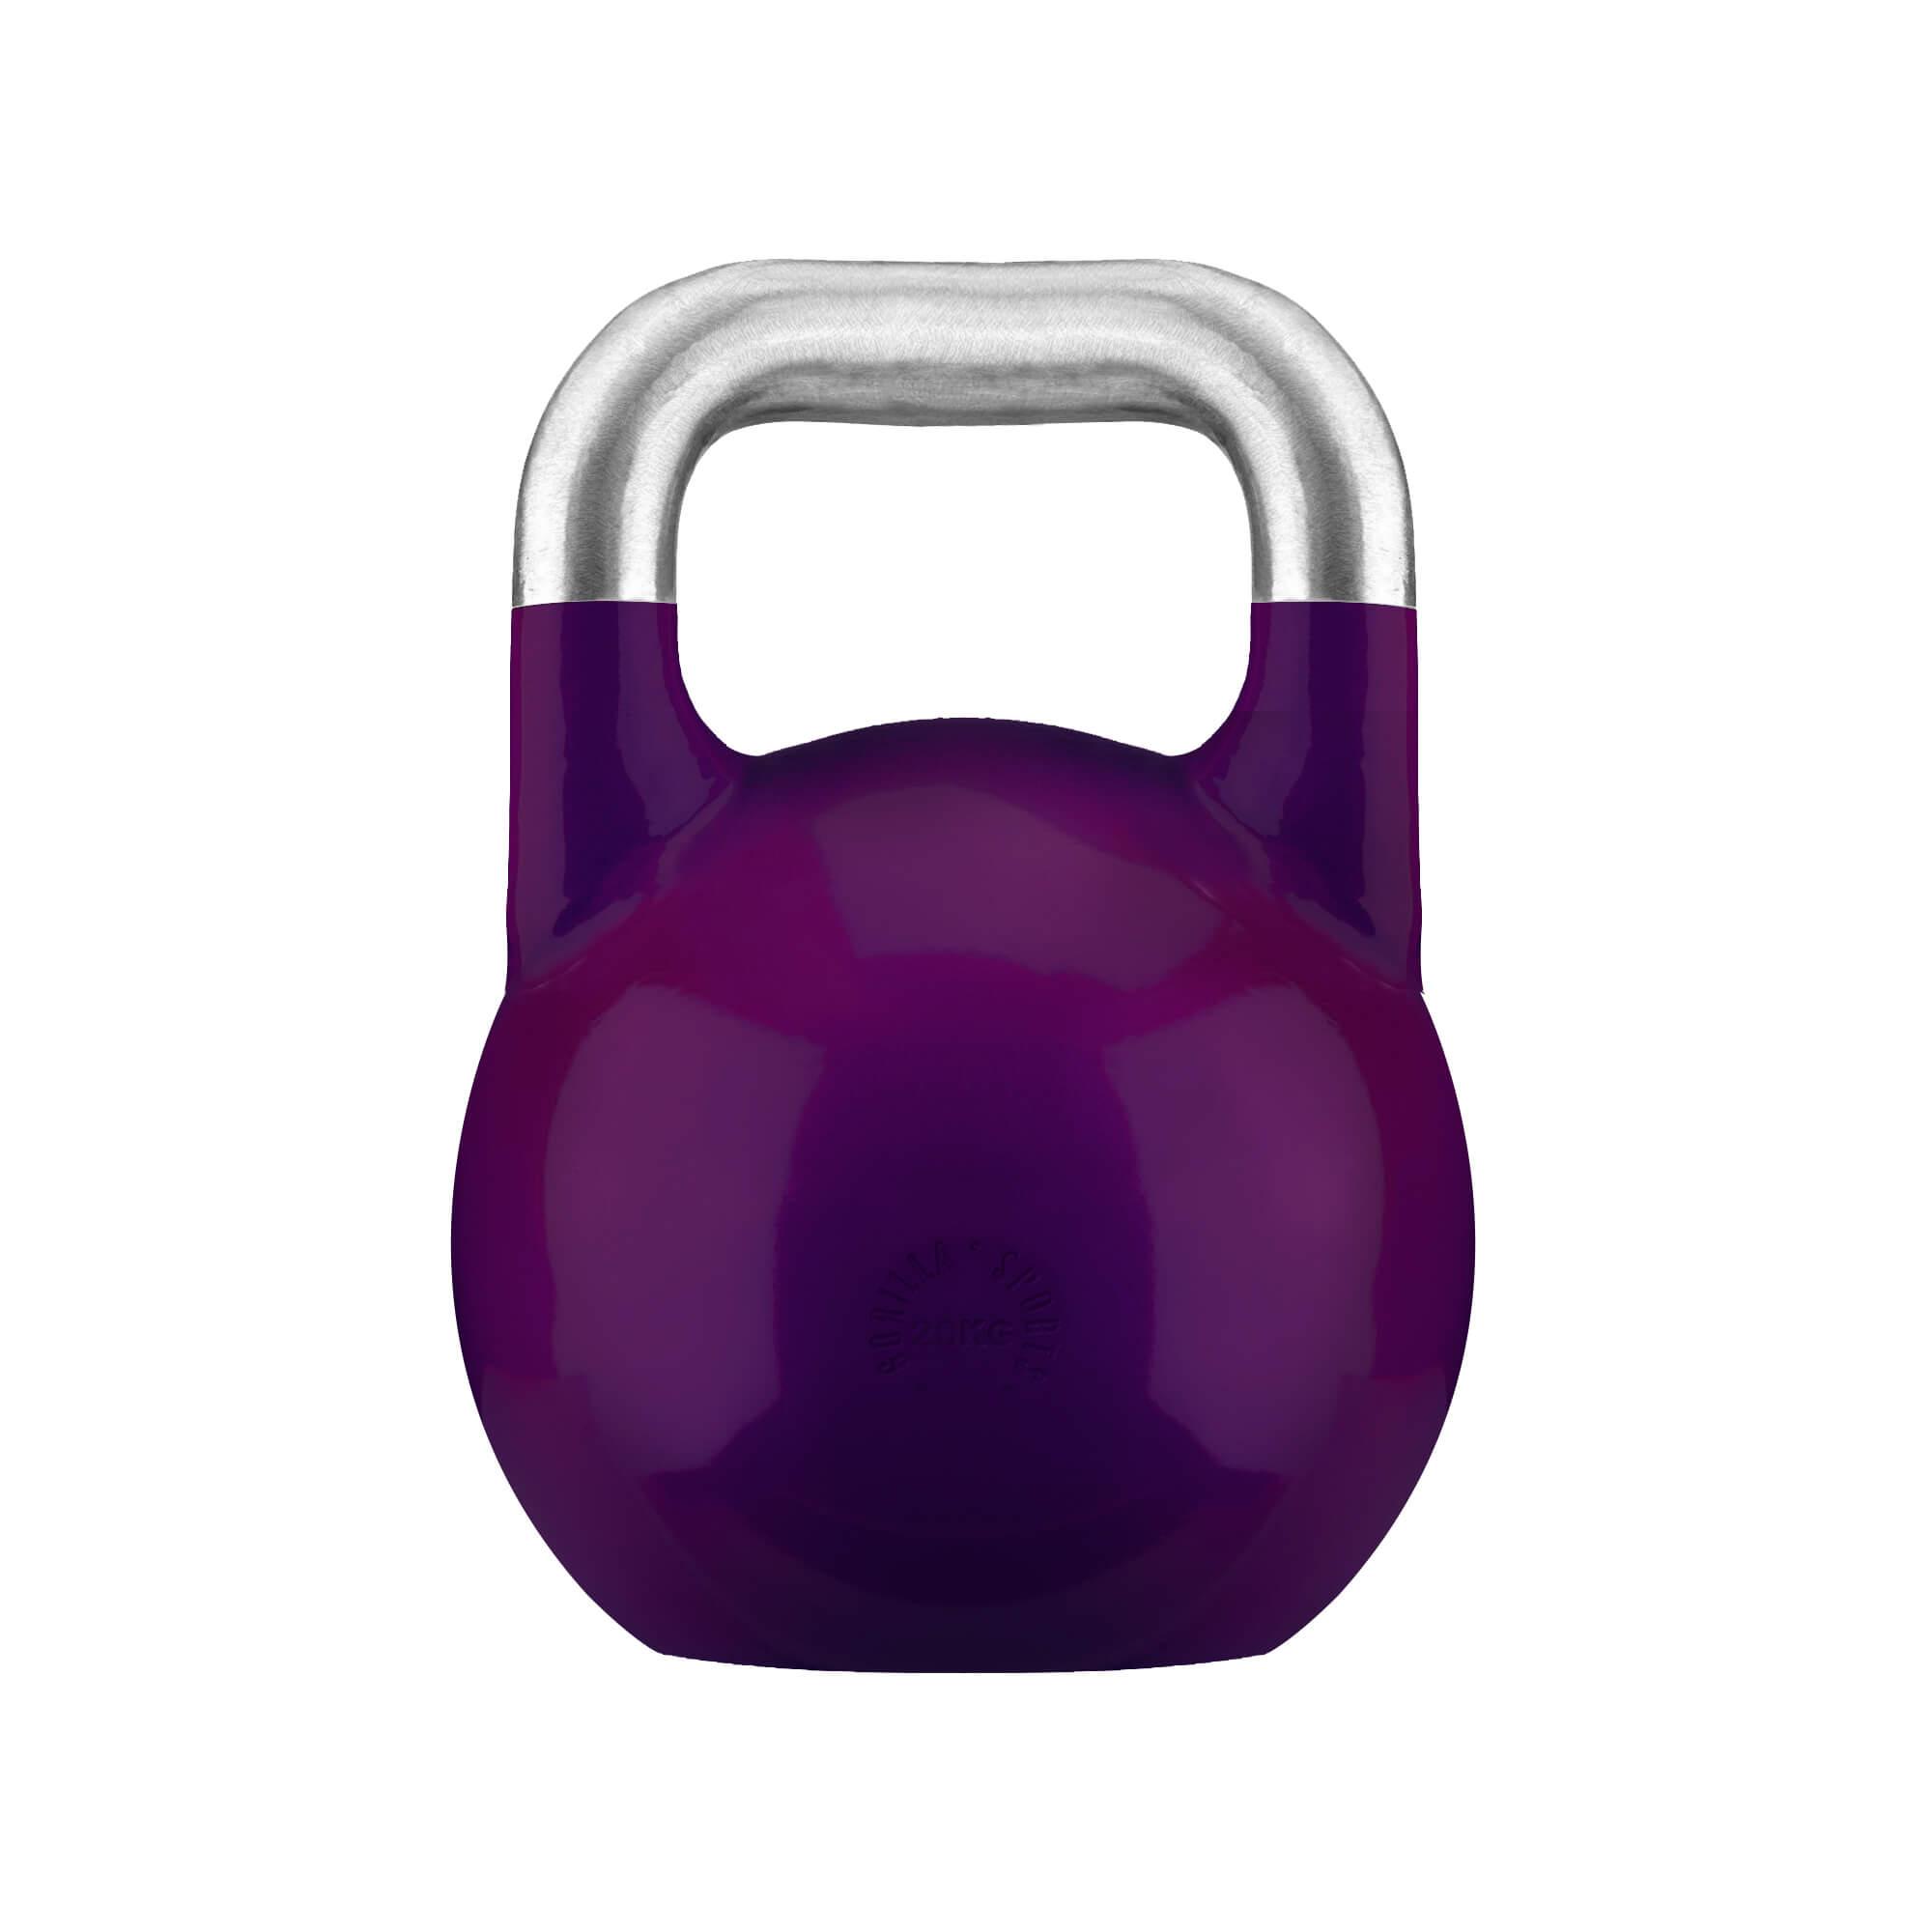 Kettlebell Competition Violett 20 kg